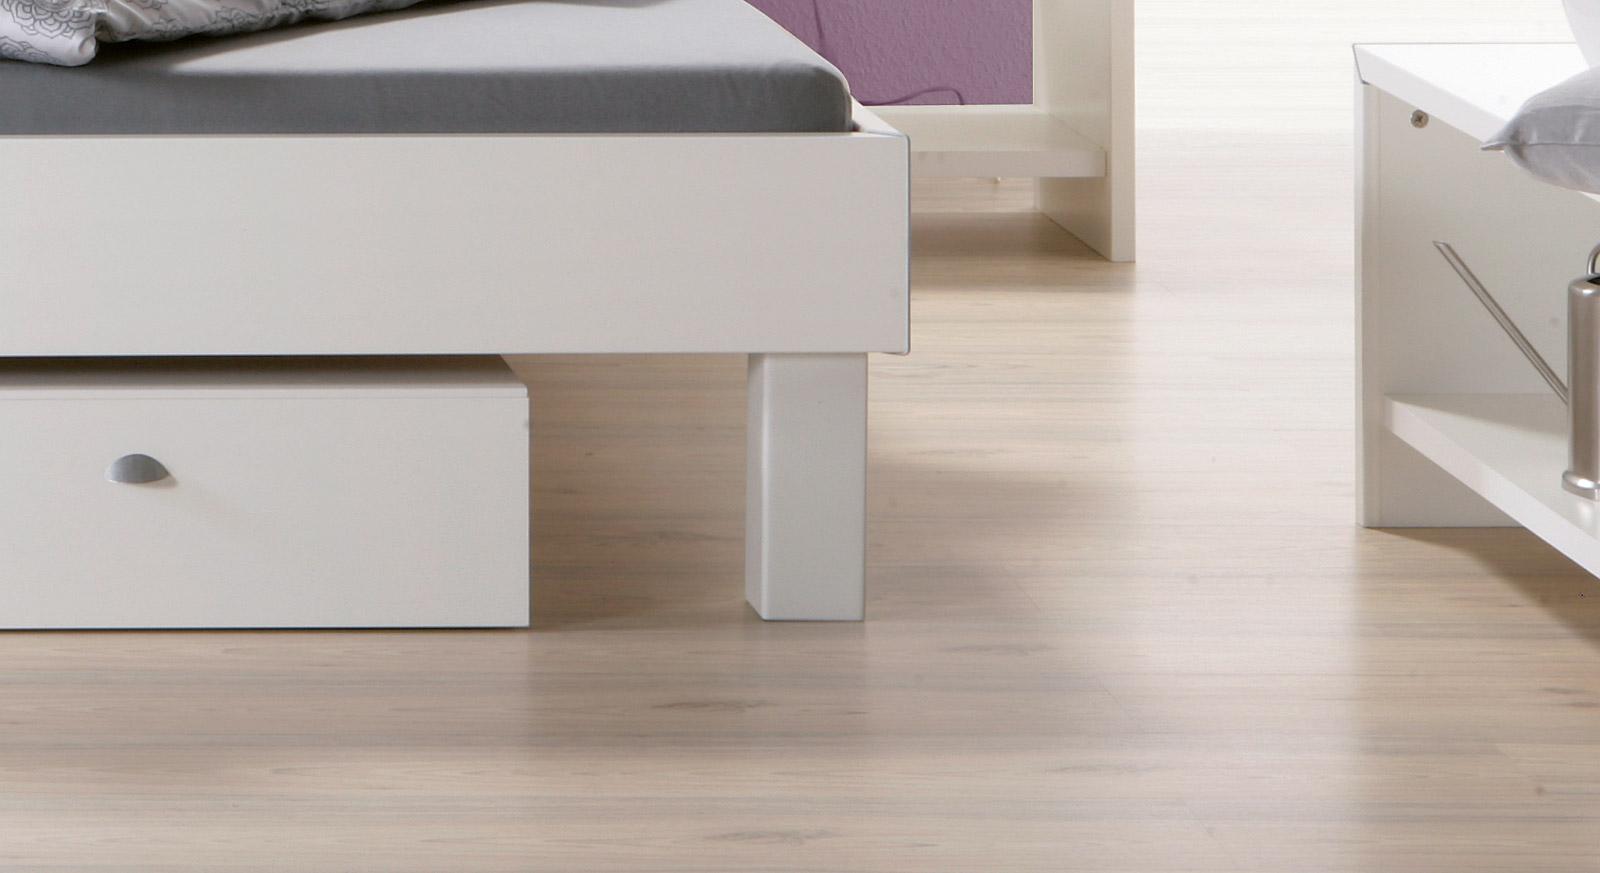 Bett Pesaro Bettbeine Fußhöhe 20cm oder 25cm